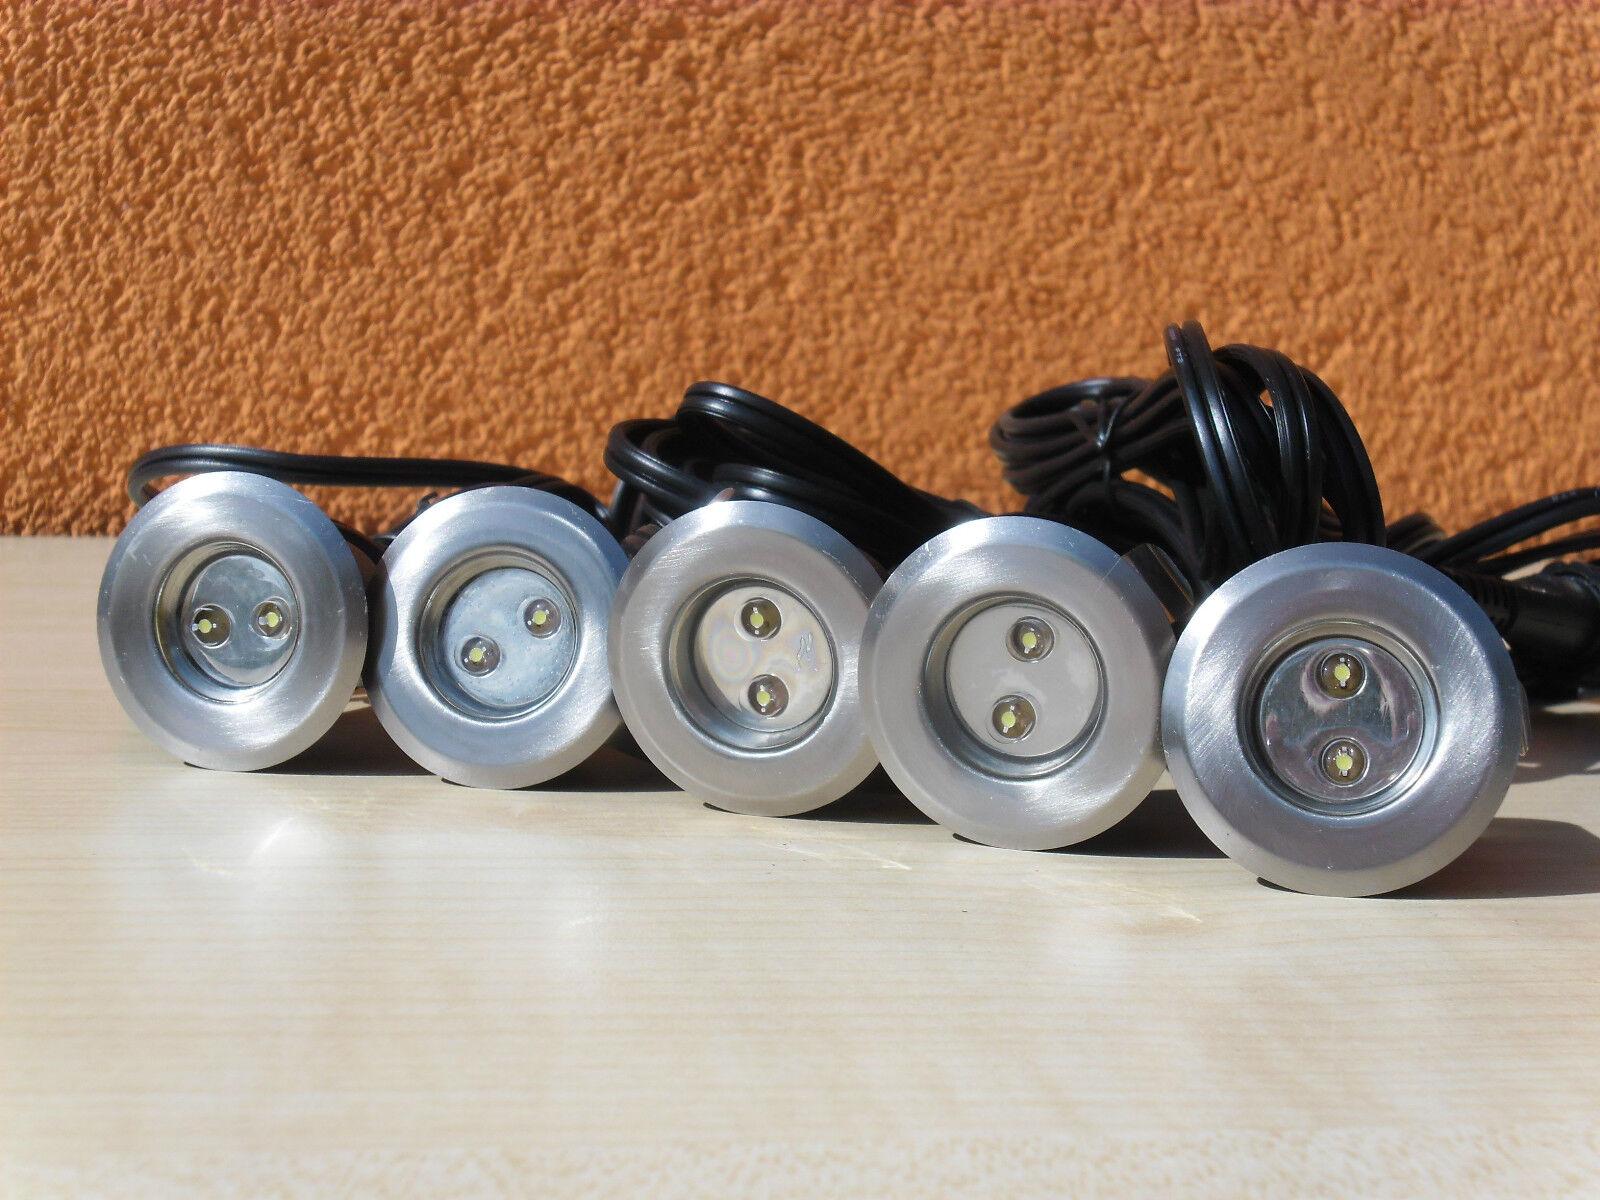 Heissner 5er Set Led Einbaulicht L169-T 12V 0 3 W Edelstahl beliebig erweiterbar